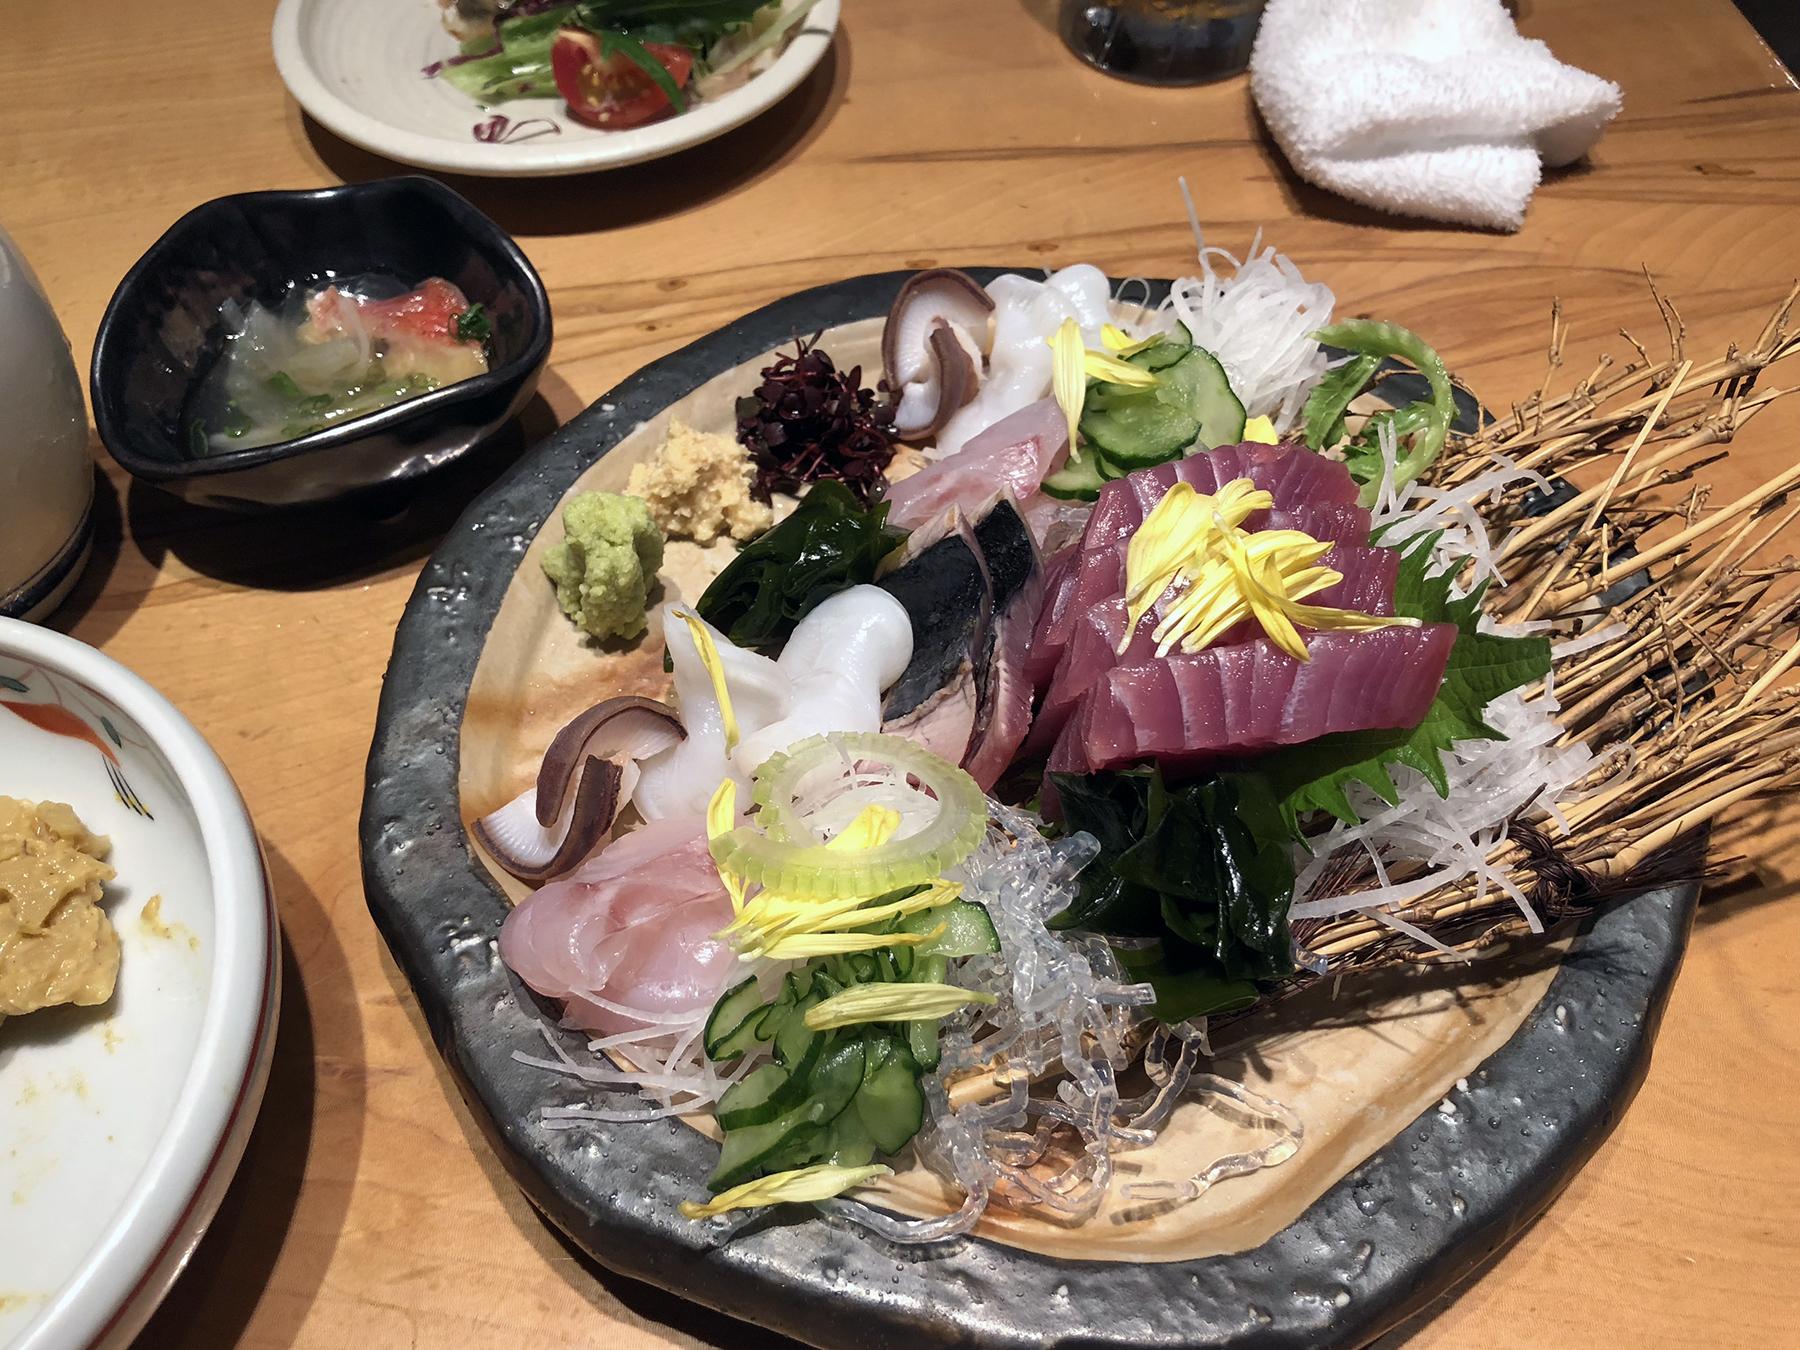 IMG_0818_dinner_former student_MR